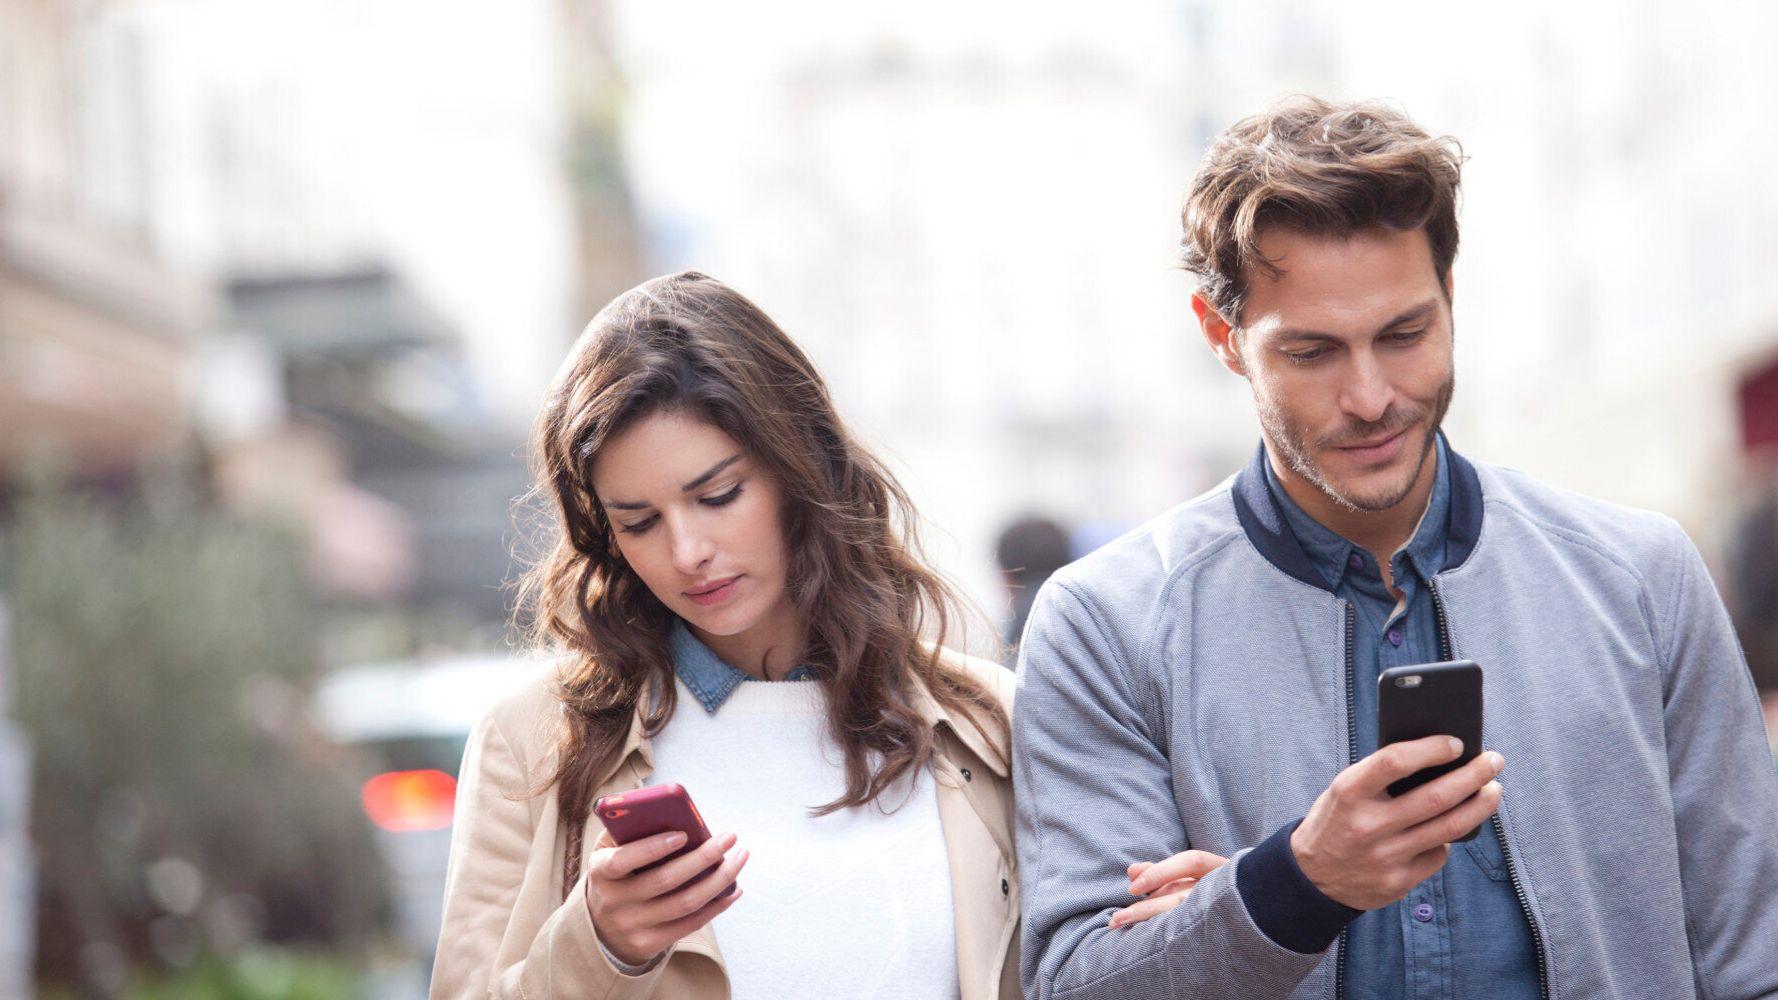 Αφήστε κάτω το κινητό σας, μπορεί να βλάπτει τη σχέση σας | HuffPost Greece  LIFE